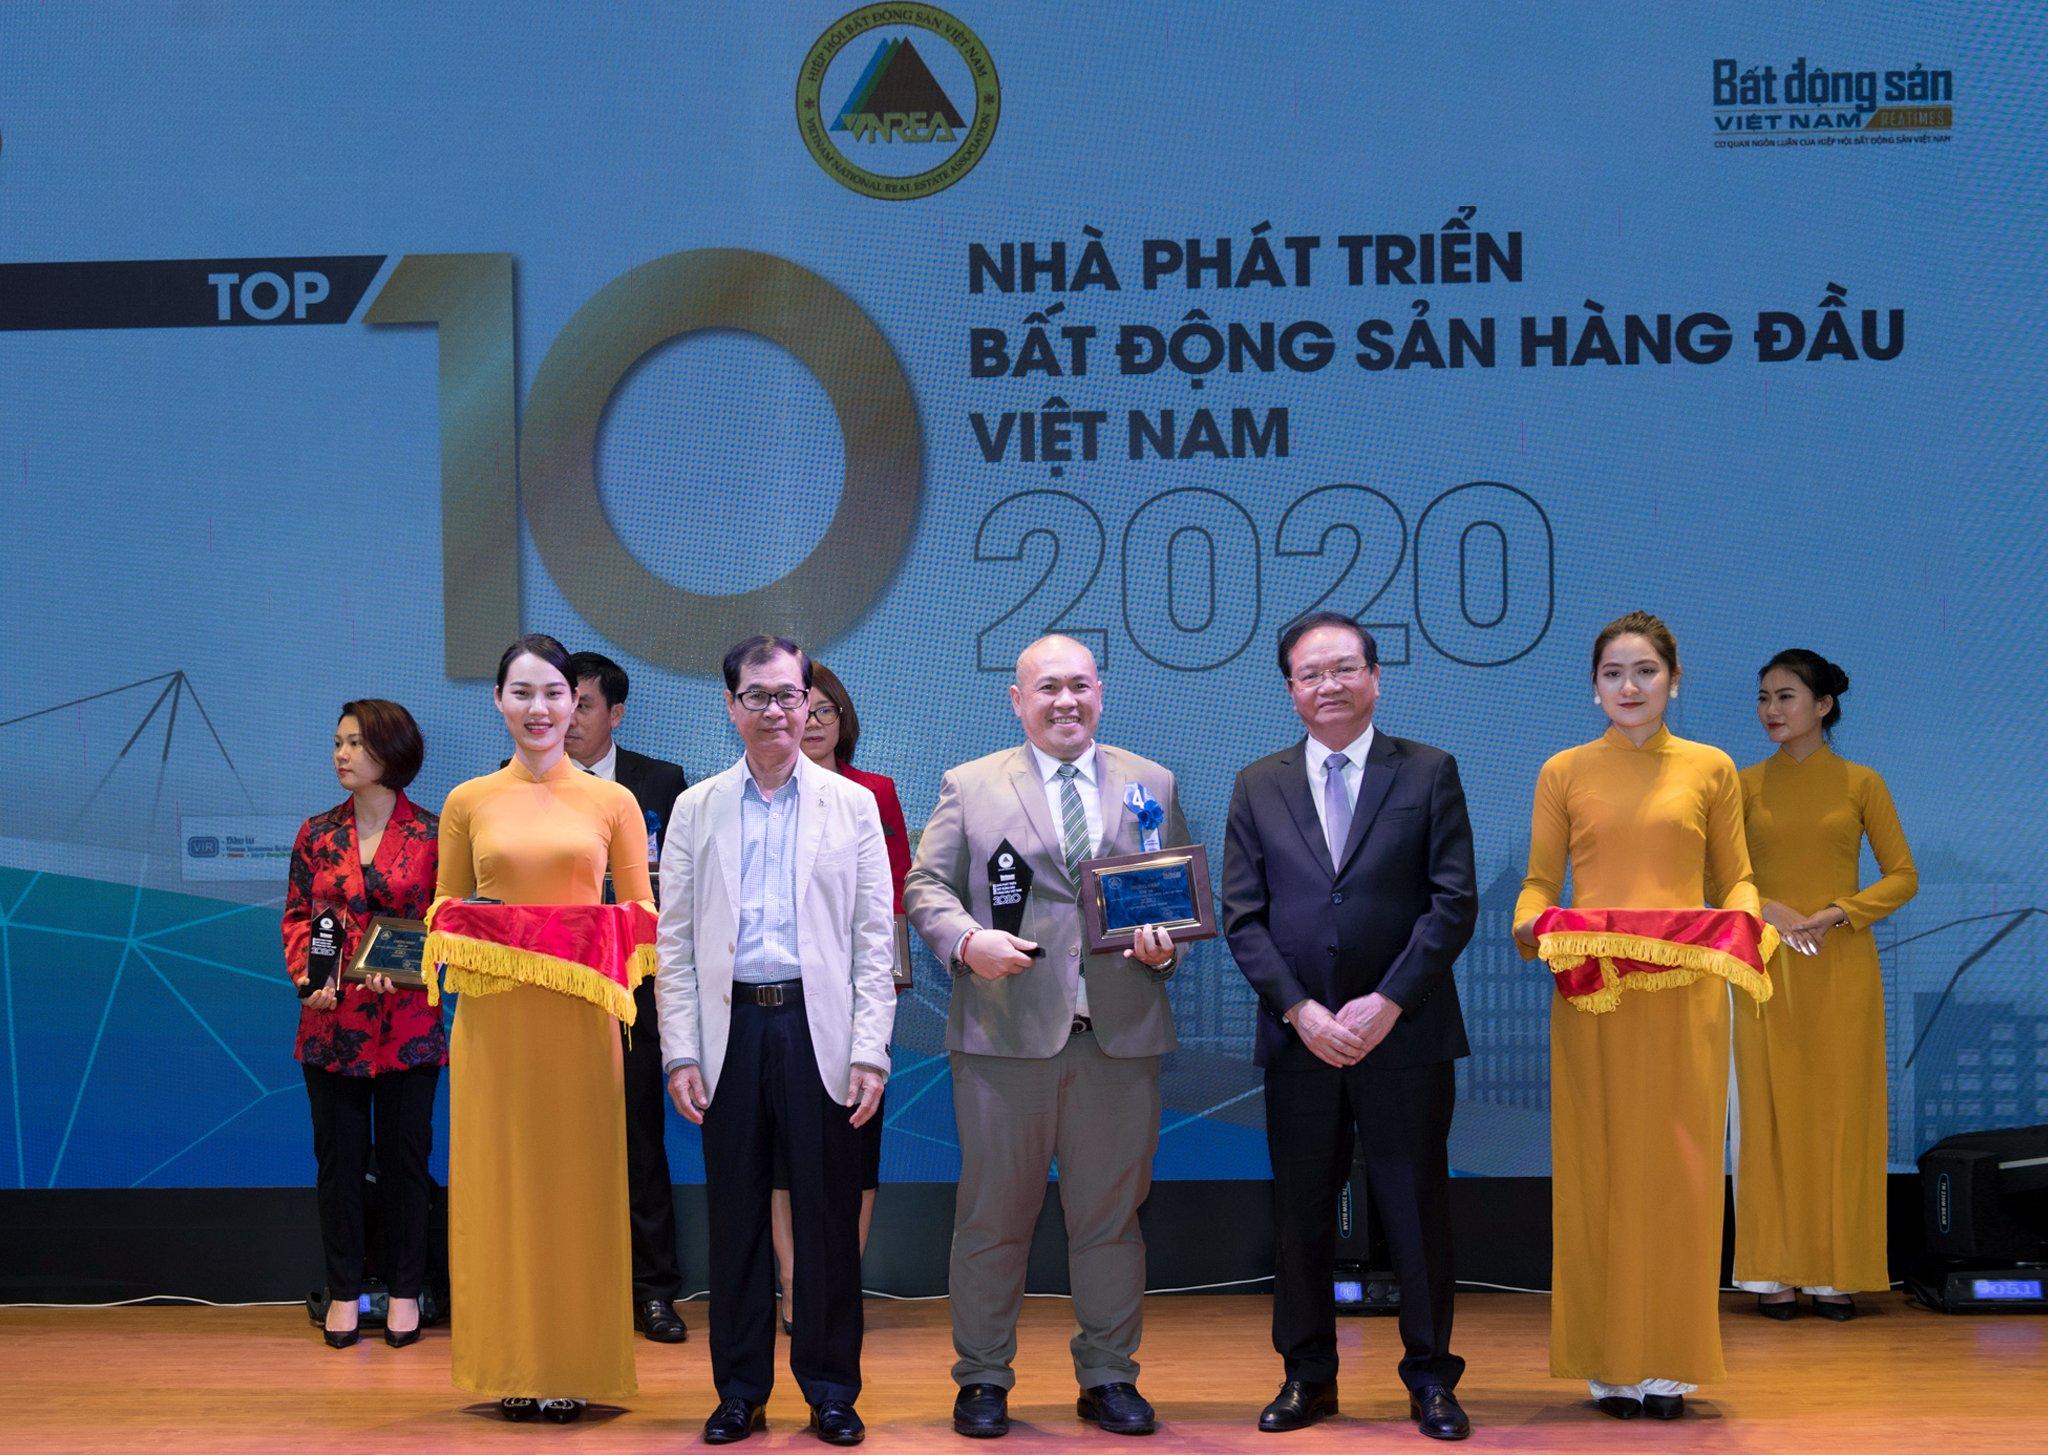 Hưng Thịnh Land khẳng định vị thế trong Top 10 nhà phát triển BĐS hàng đầu Việt Nam  - Ảnh 1